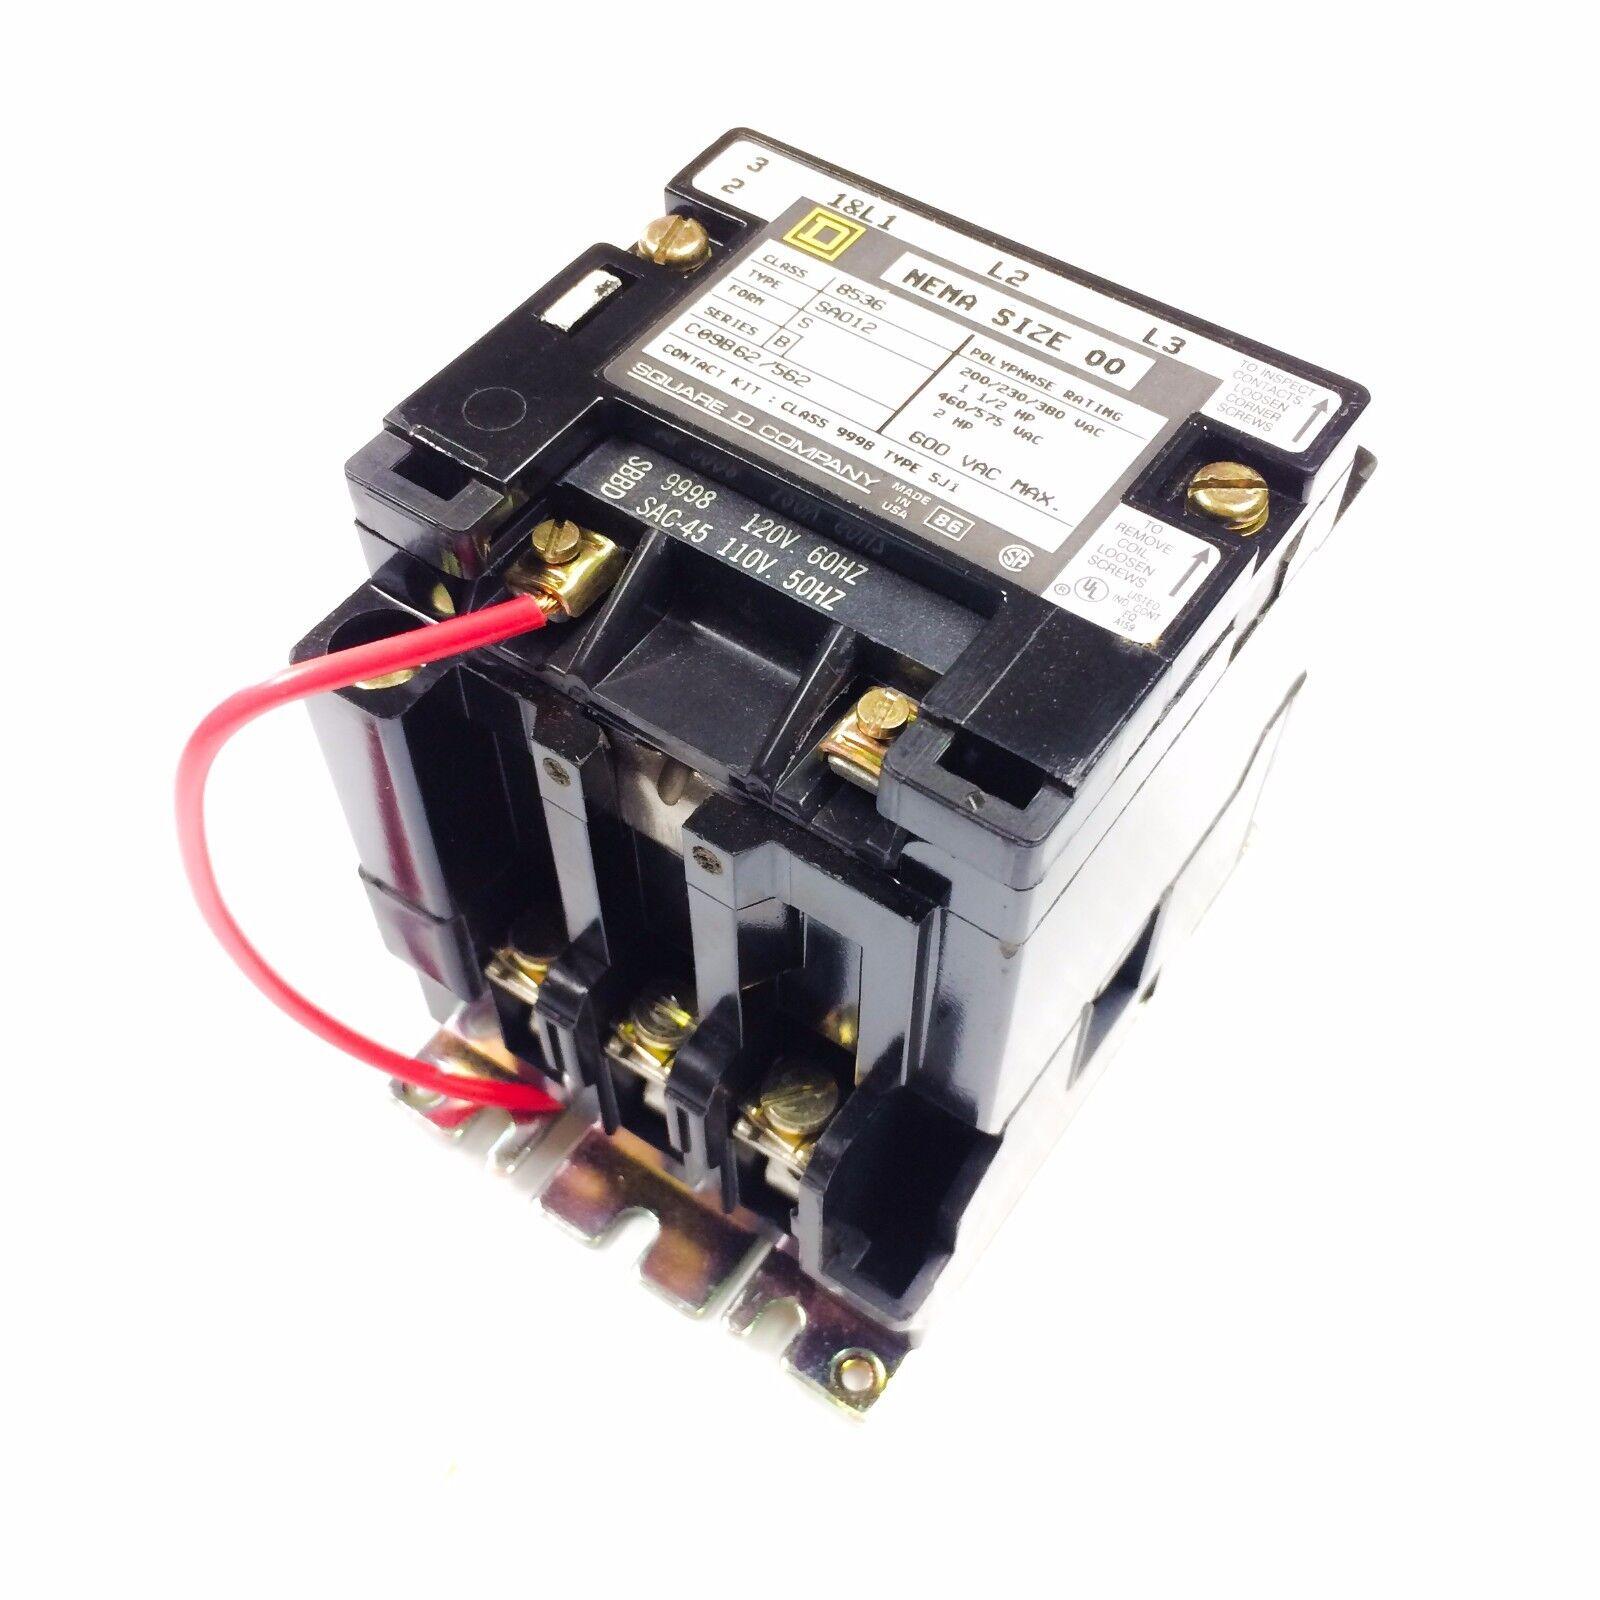 square d class 8502 type sa0 12 series b es contactor nema size 00 rh ebay com